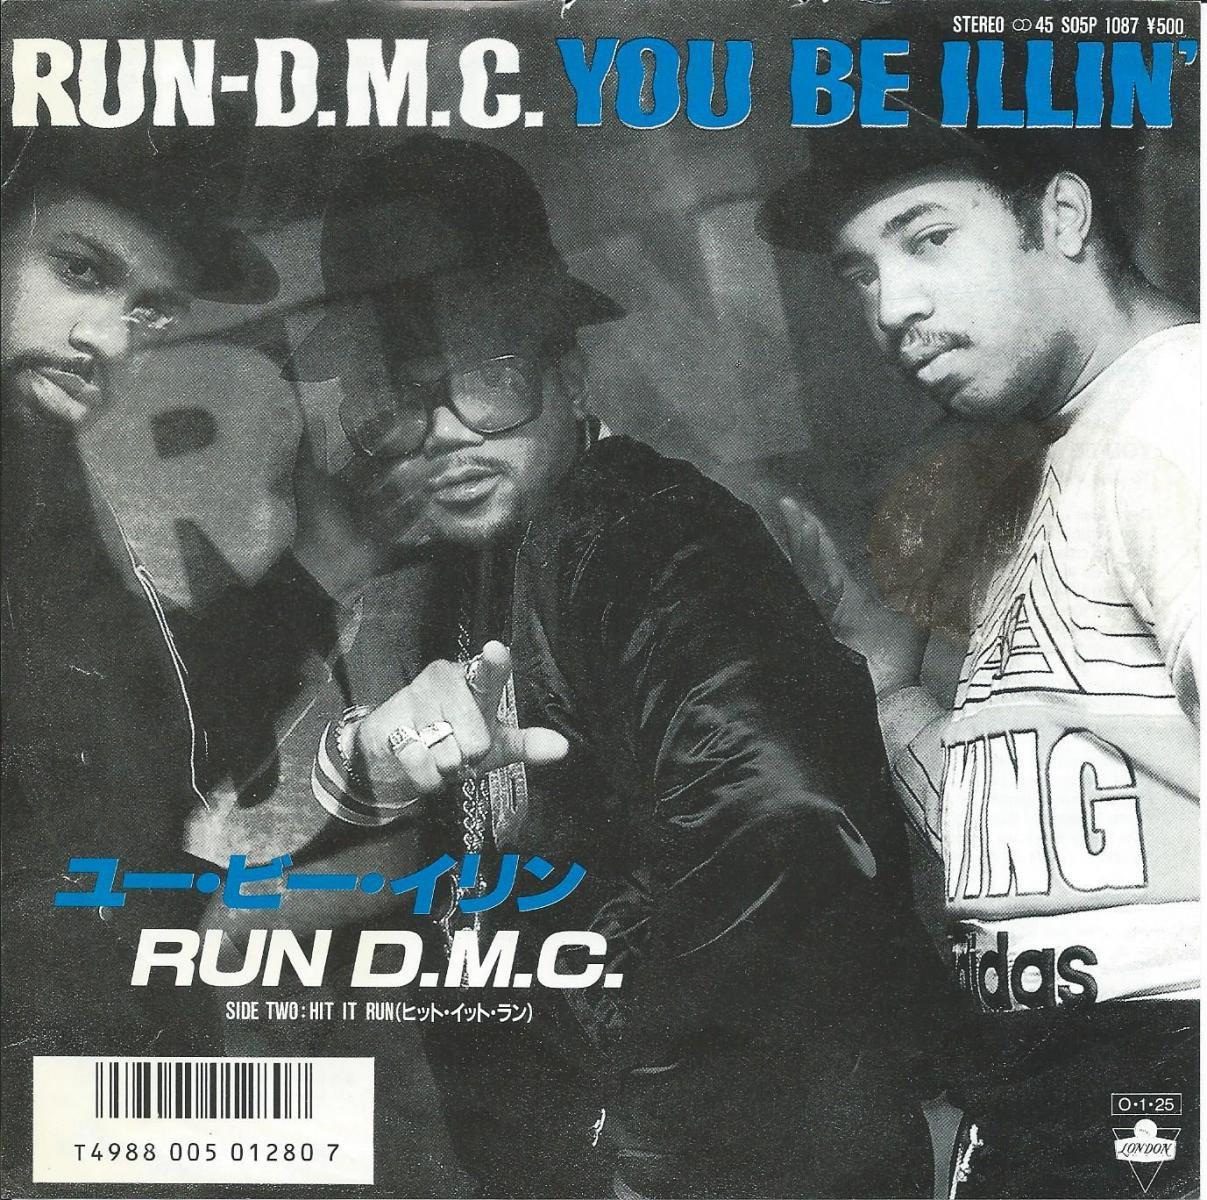 RUN DMC / ユー・ビー・イリン YOU BE ILLIN' / ヒット・イット・ラン HIT IT RUN (7